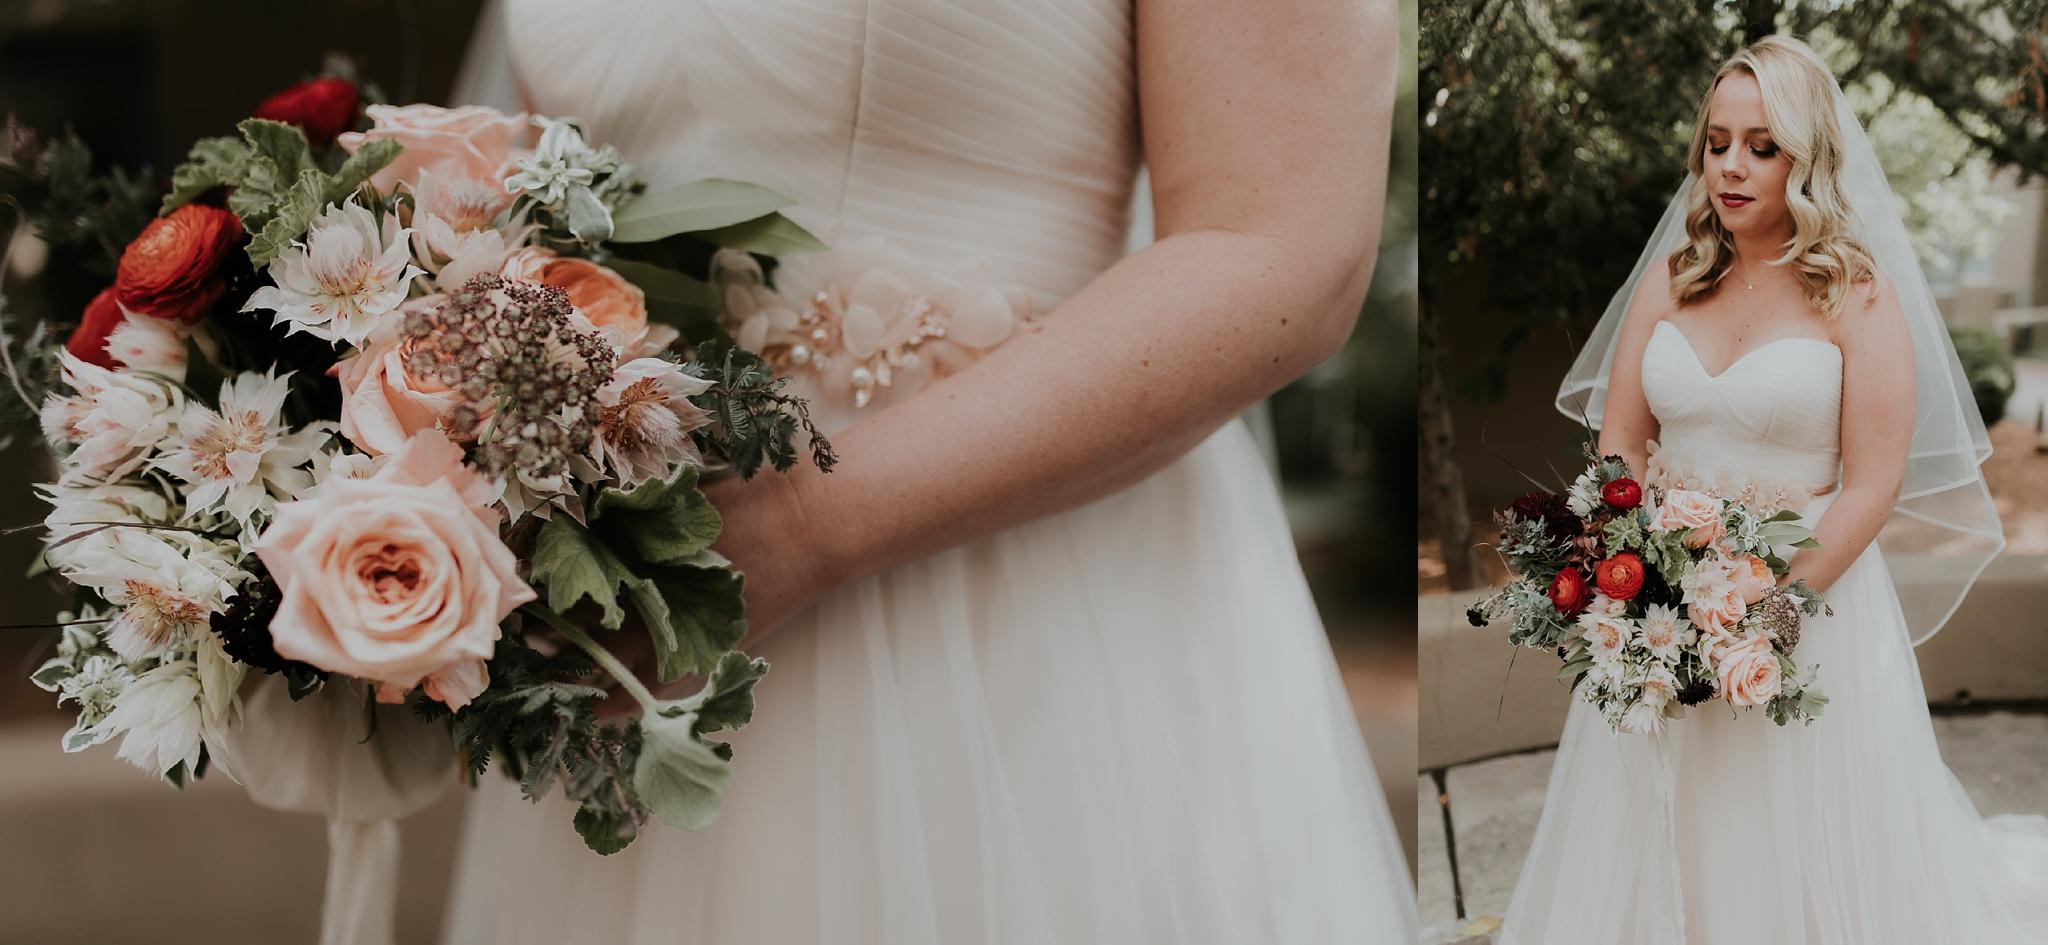 Alicia+lucia+photography+-+albuquerque+wedding+photographer+-+santa+fe+wedding+photography+-+new+mexico+wedding+photographer+-+new+mexico+florist+-+wedding+florist+-+renegade+floral_0084.jpg